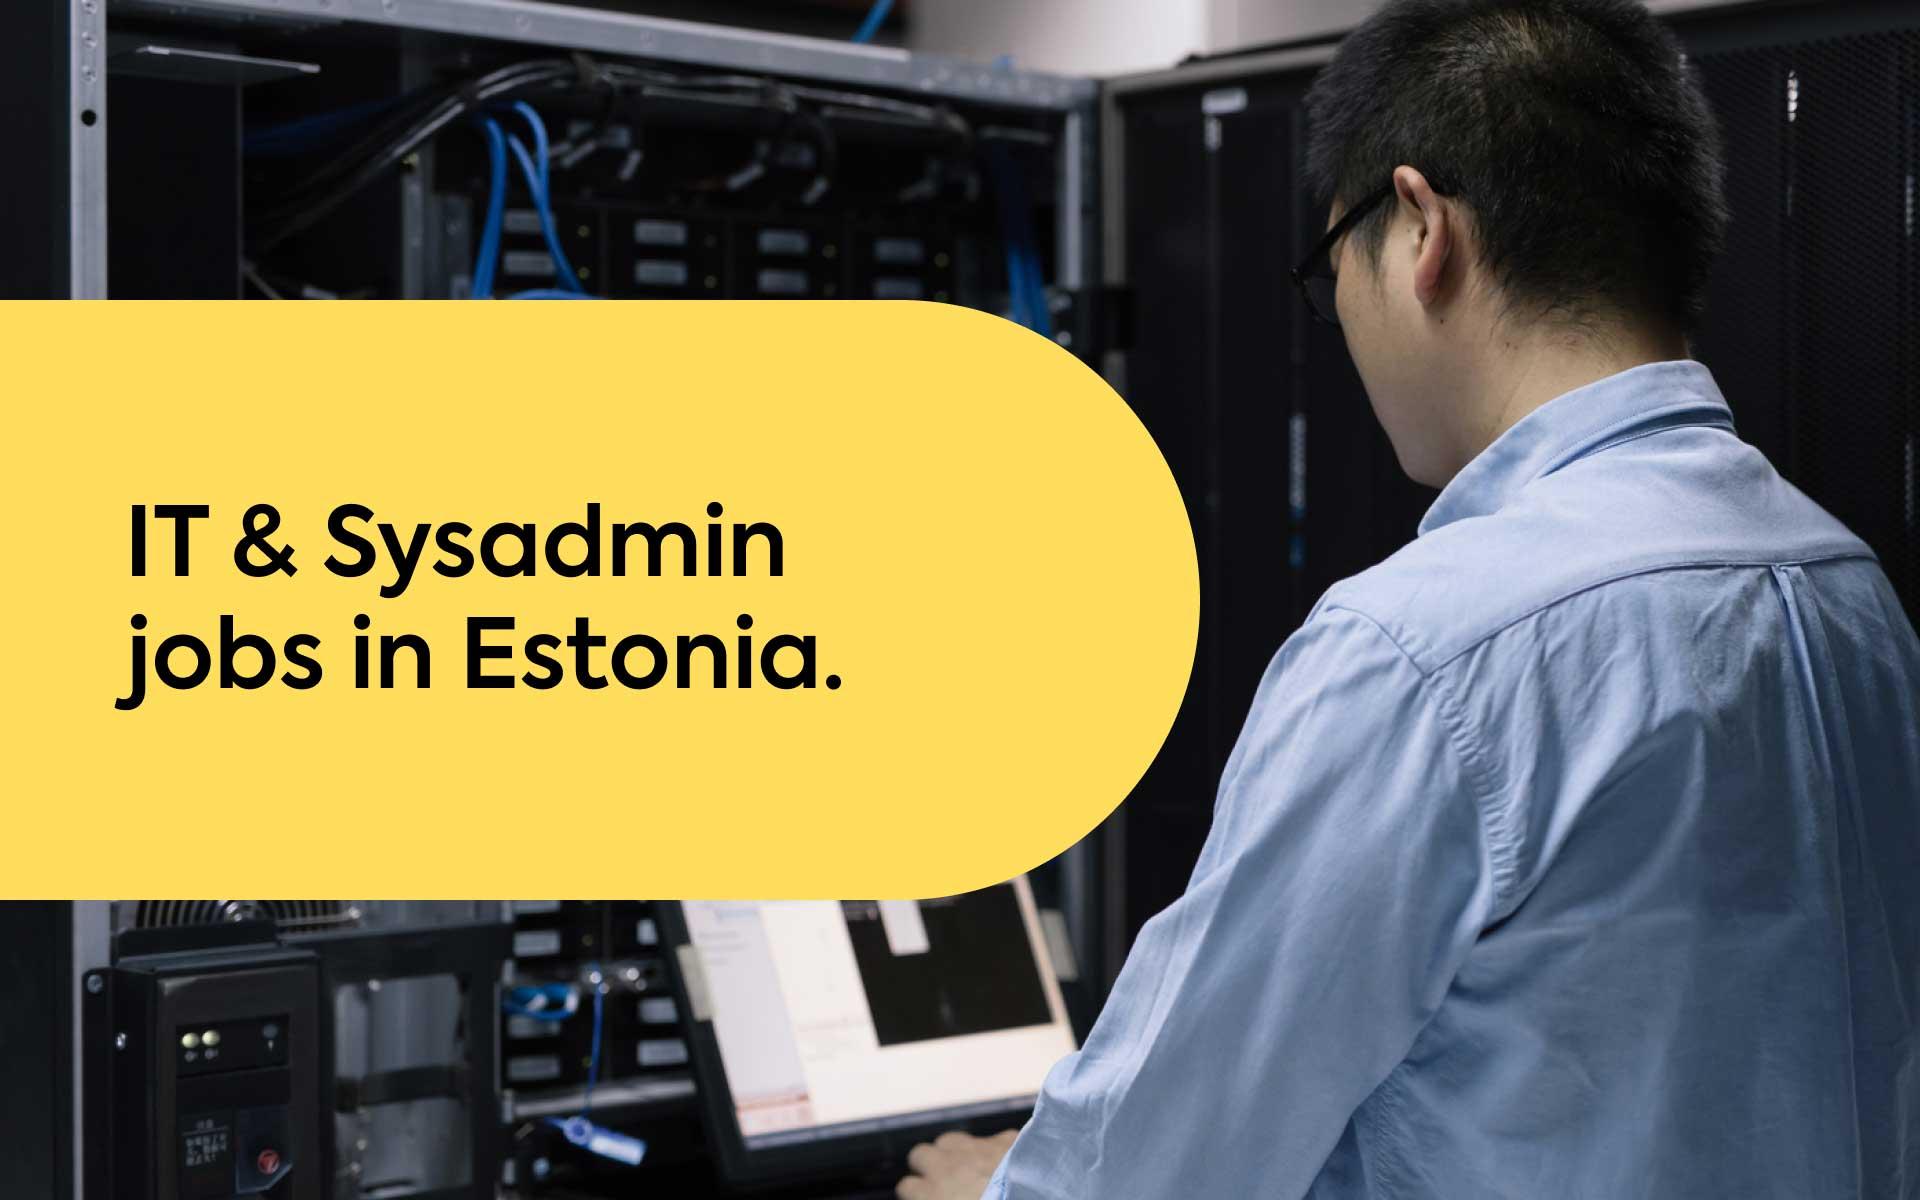 IT jobs in Estonia